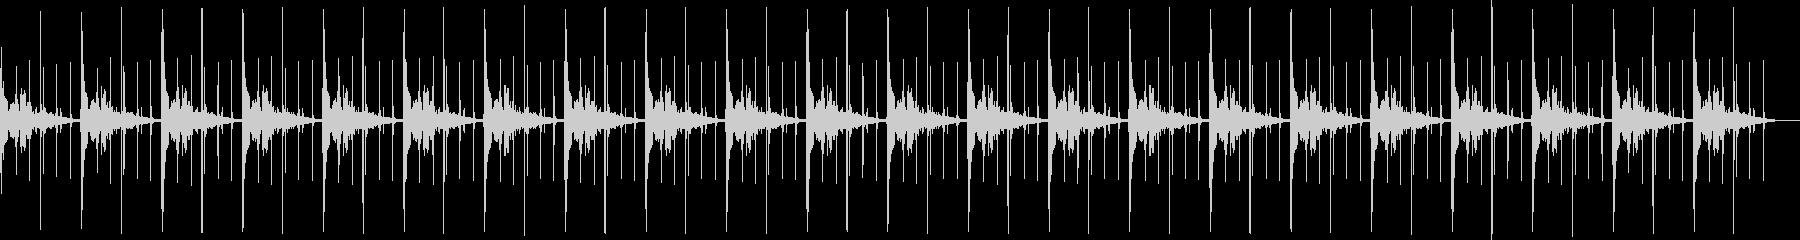 シンキングタイム(ボン、パーン)の未再生の波形